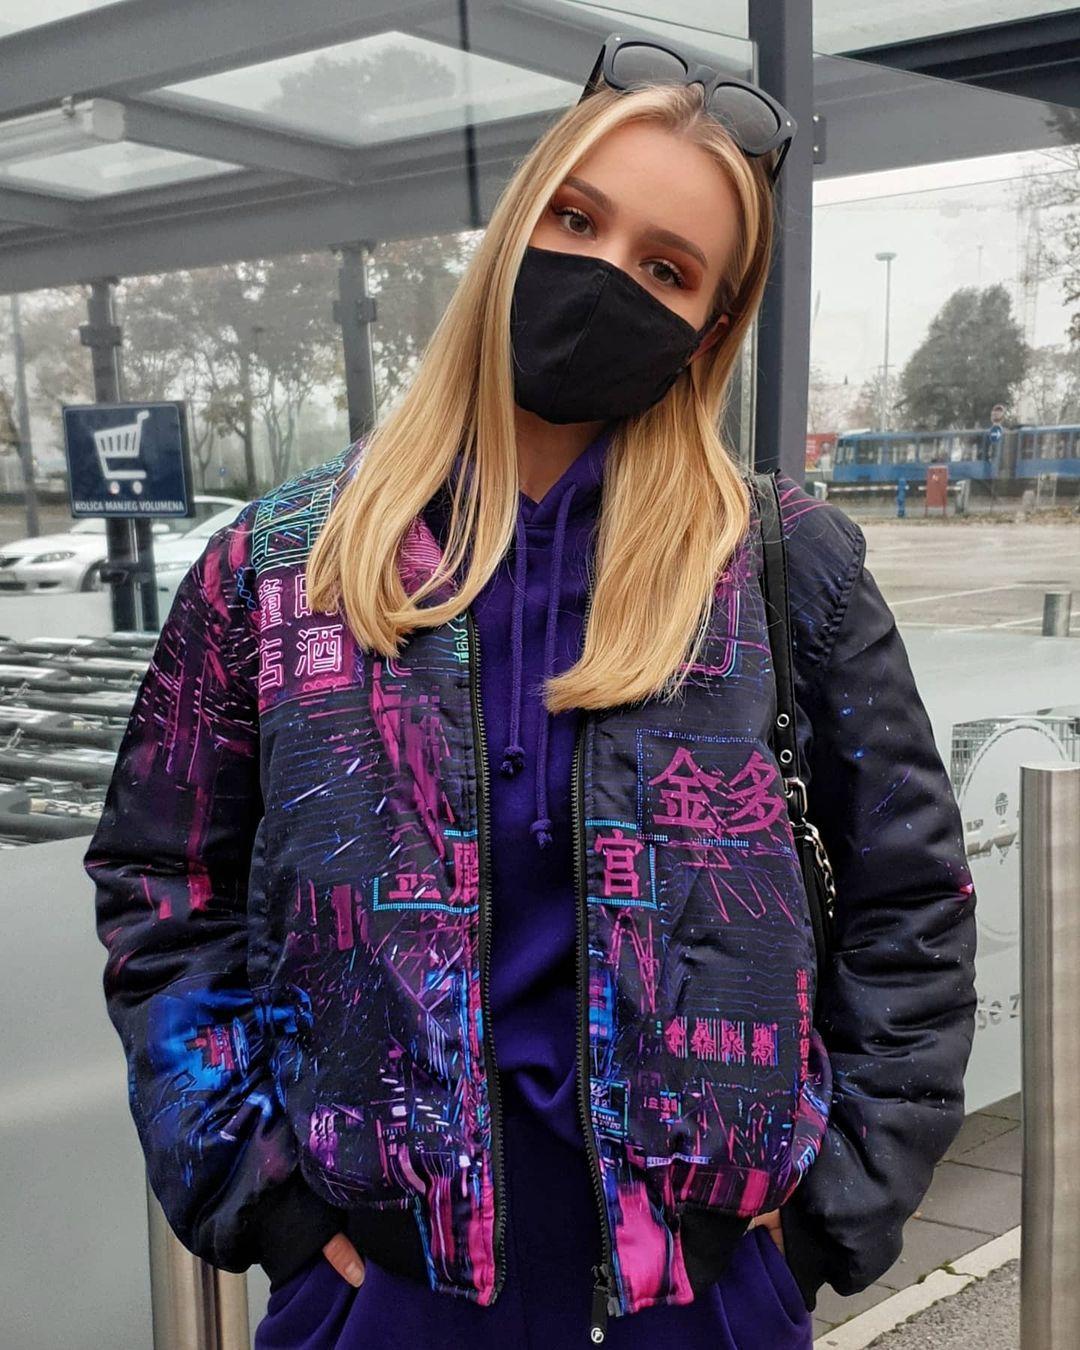 Night Mixer Bomber Jacket Fashion Jackets Bomber Jacket [ 1350 x 1080 Pixel ]